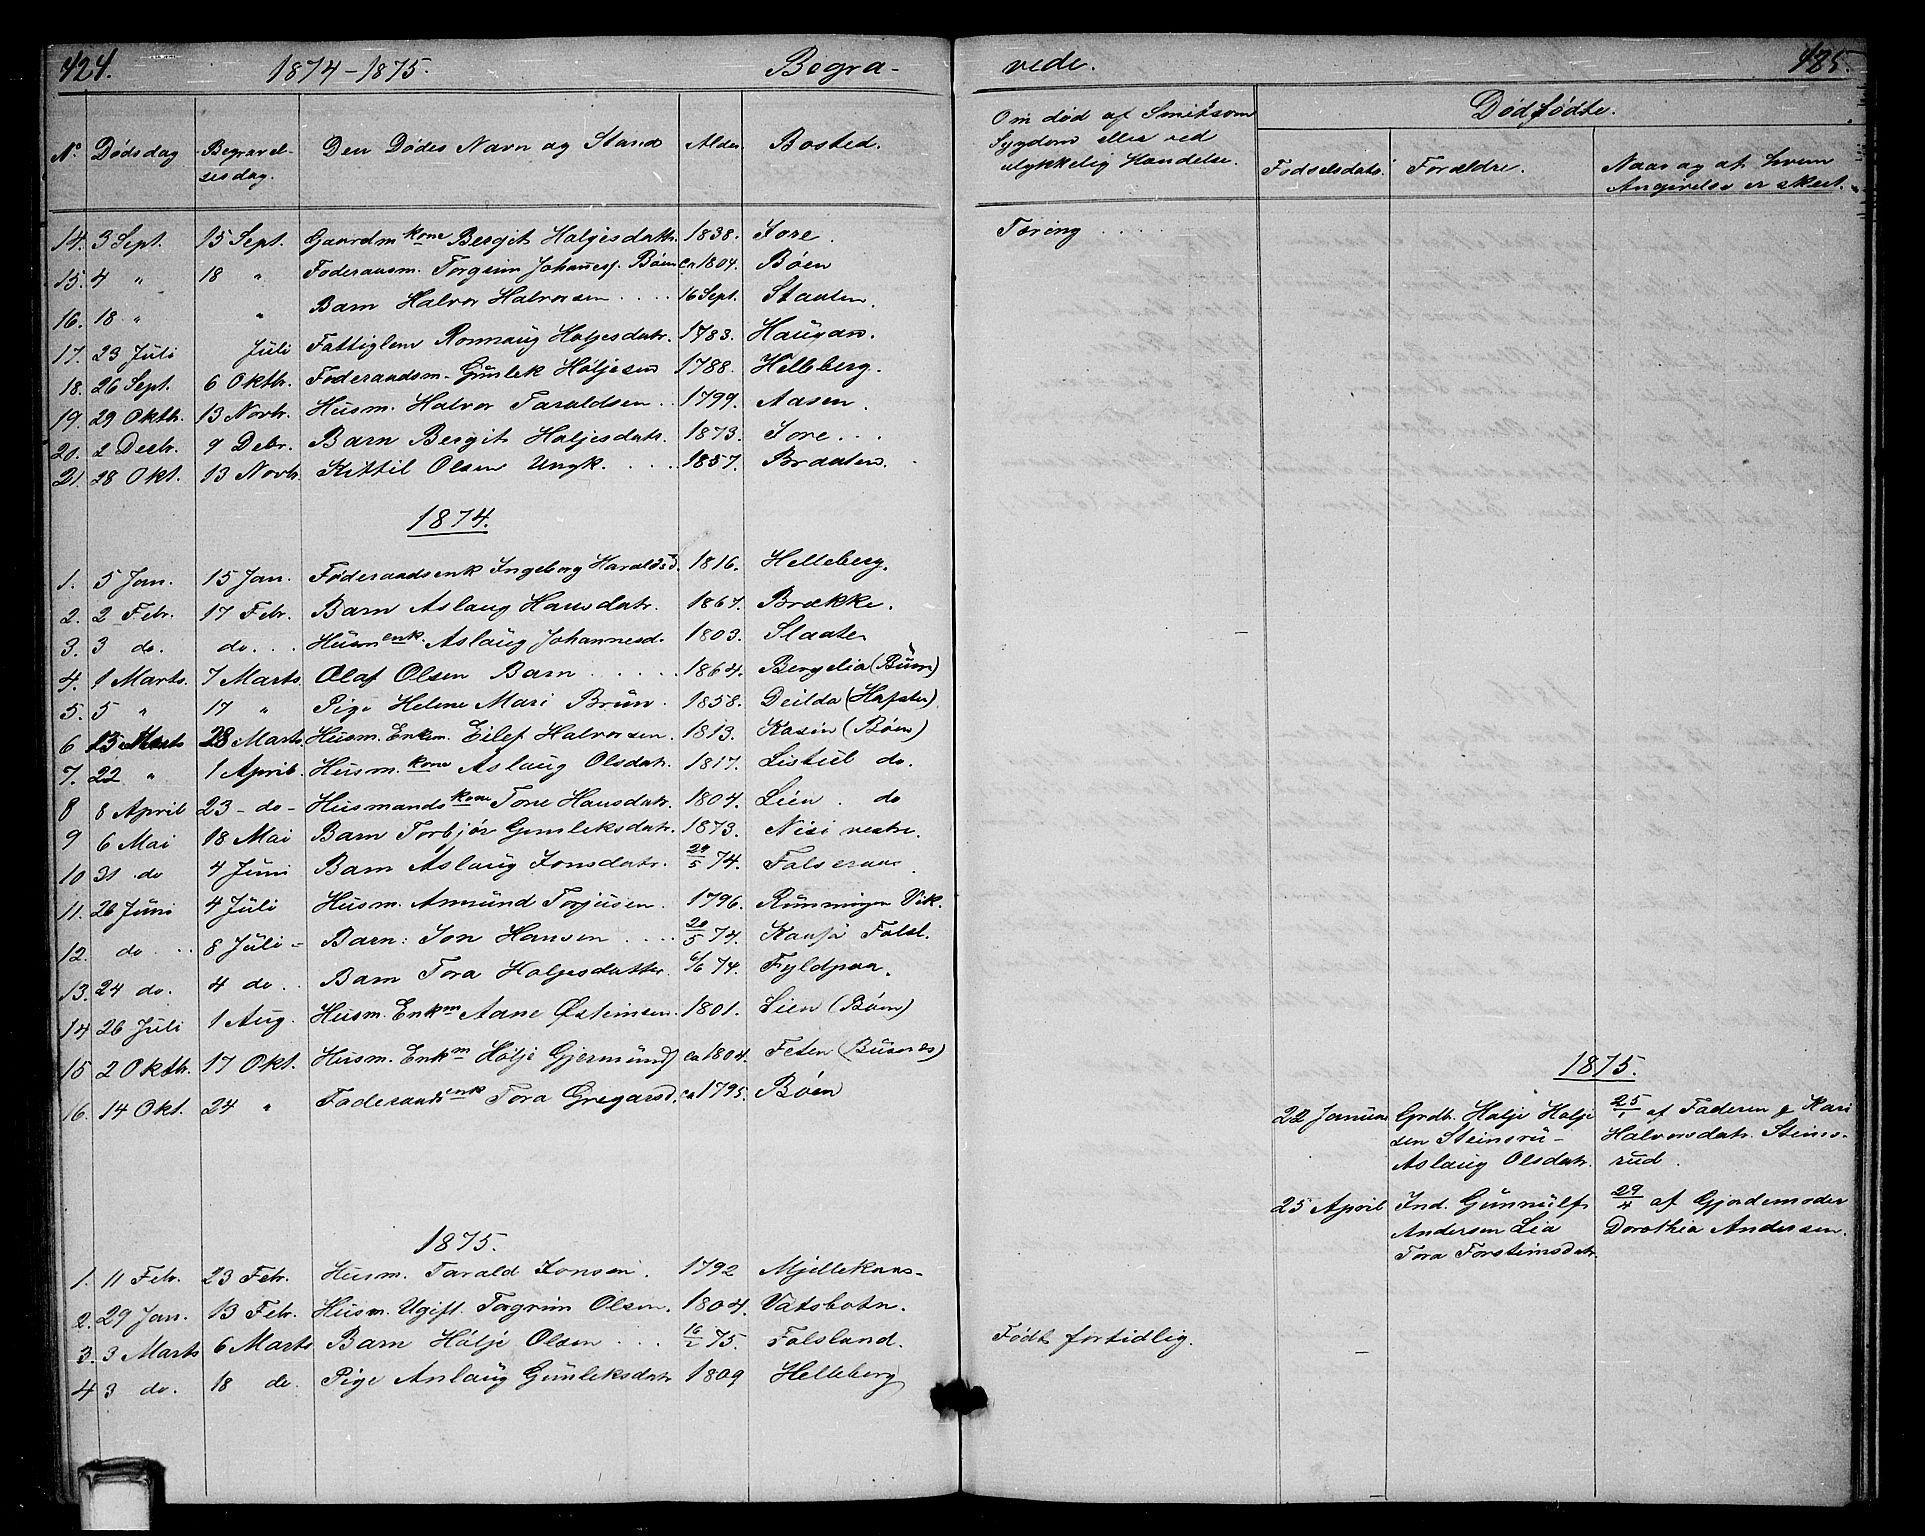 SAKO, Gransherad kirkebøker, G/Ga/L0002: Klokkerbok nr. I 2, 1854-1886, s. 424-425